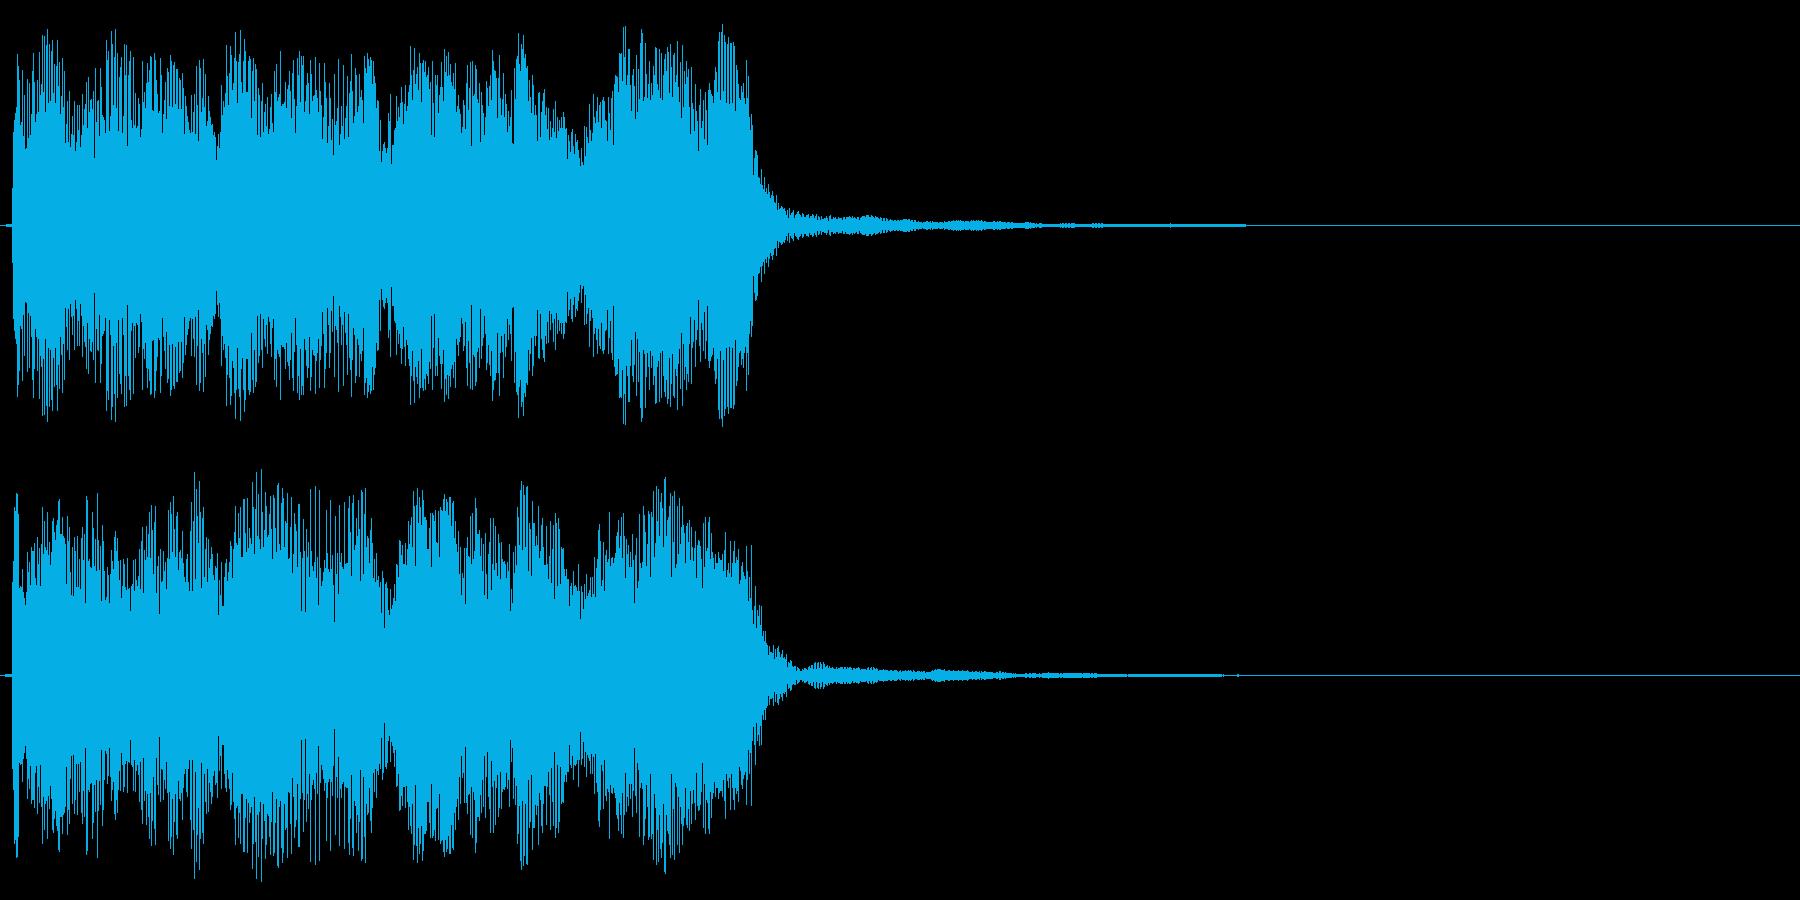 コミカルなミス音 不正解 ダダー 変な音の再生済みの波形